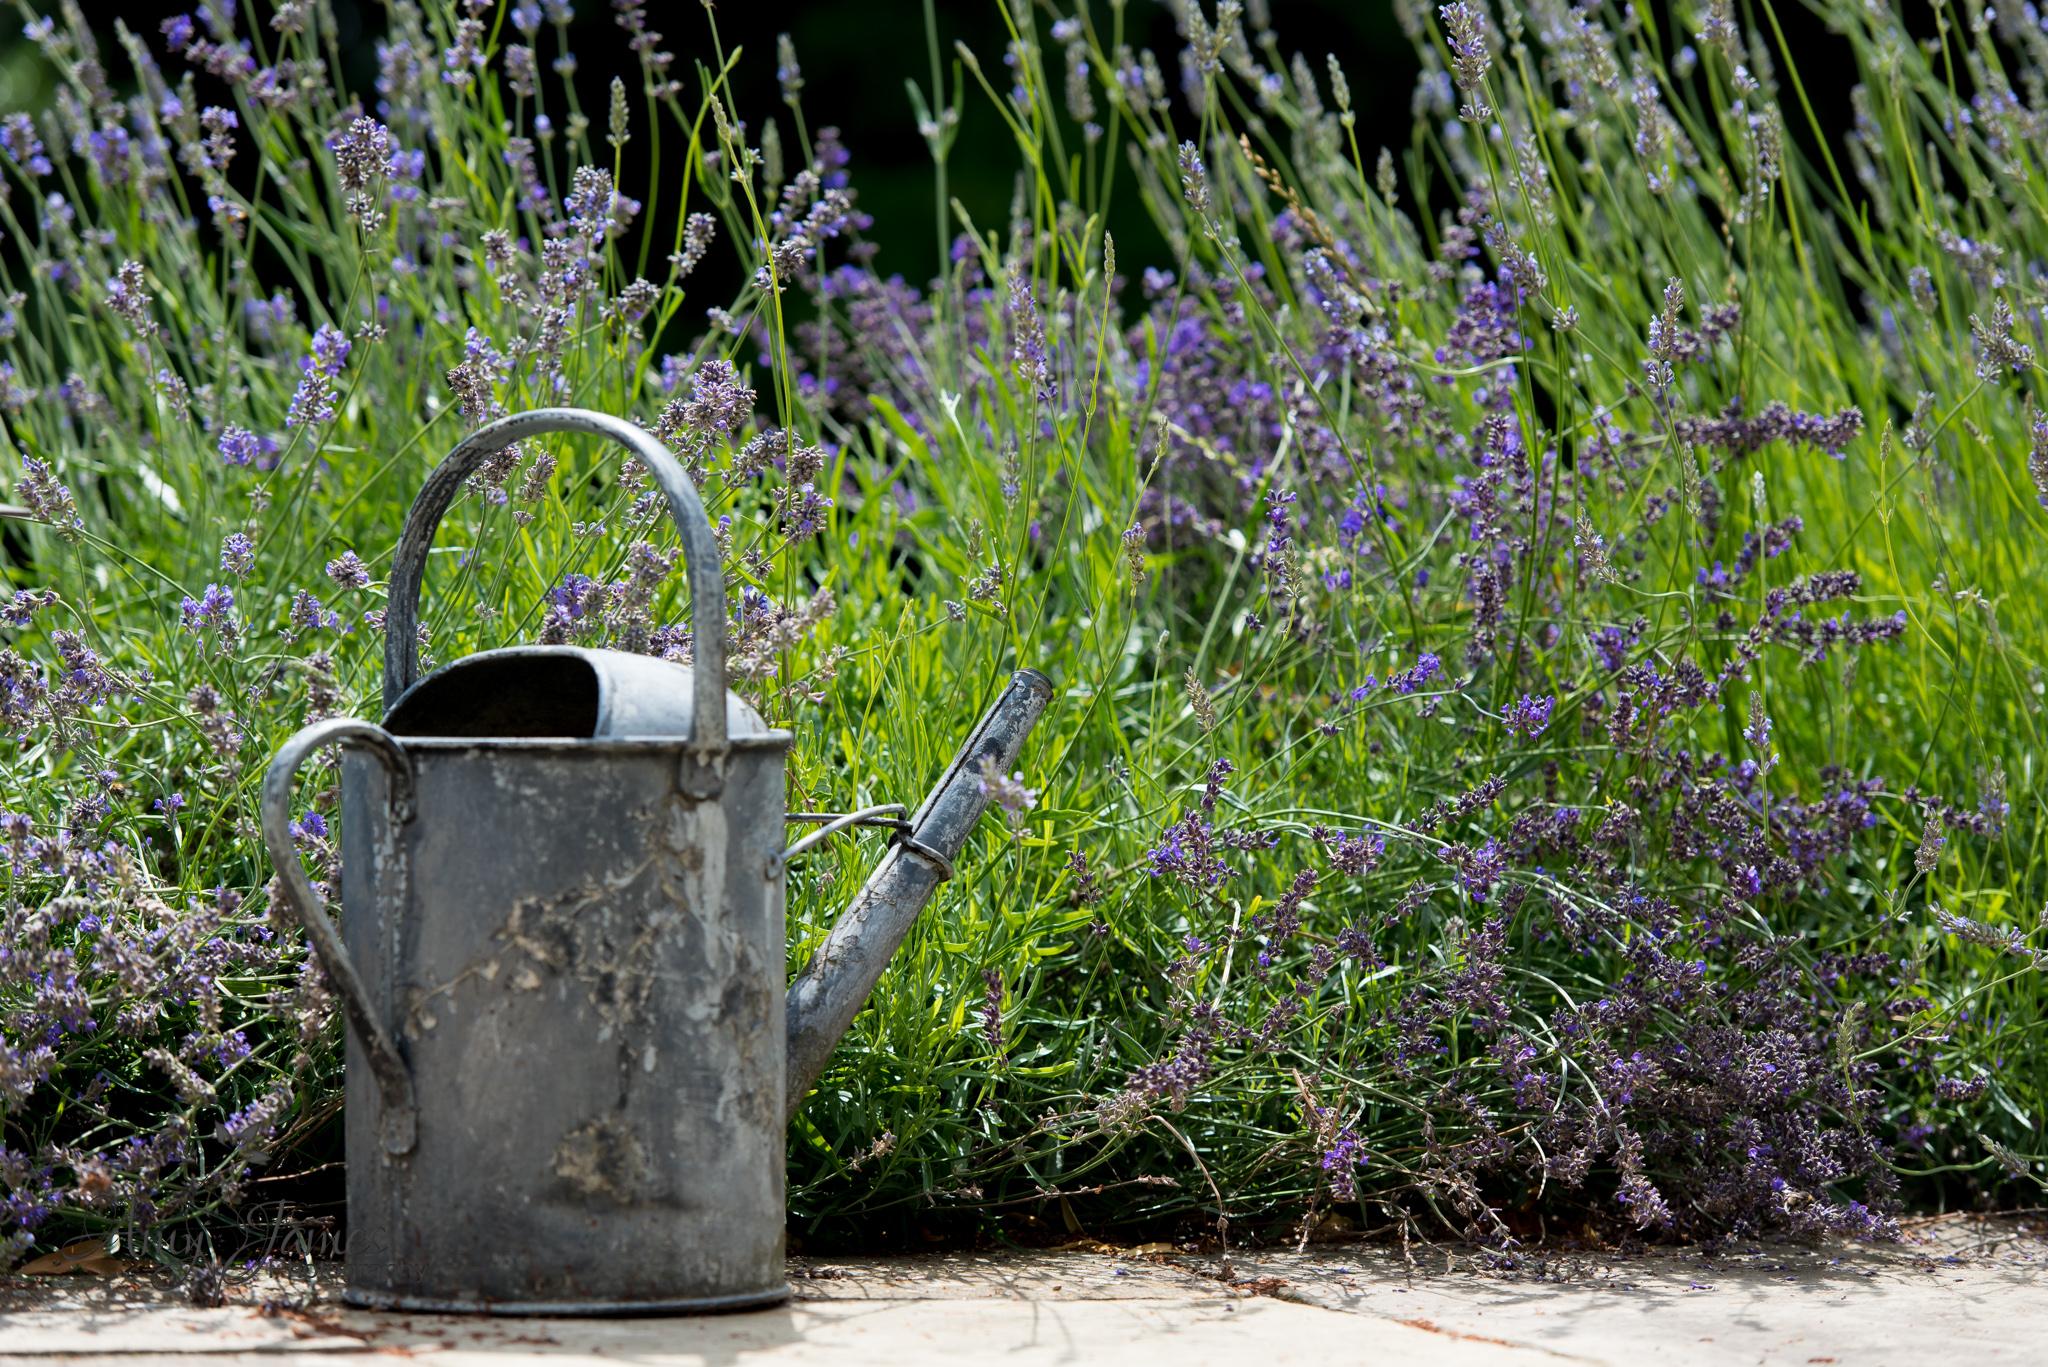 Hampshire wedding photographer / Fleet wedding photographer / Lavender / Countryside wedding / Kent wedding photographer